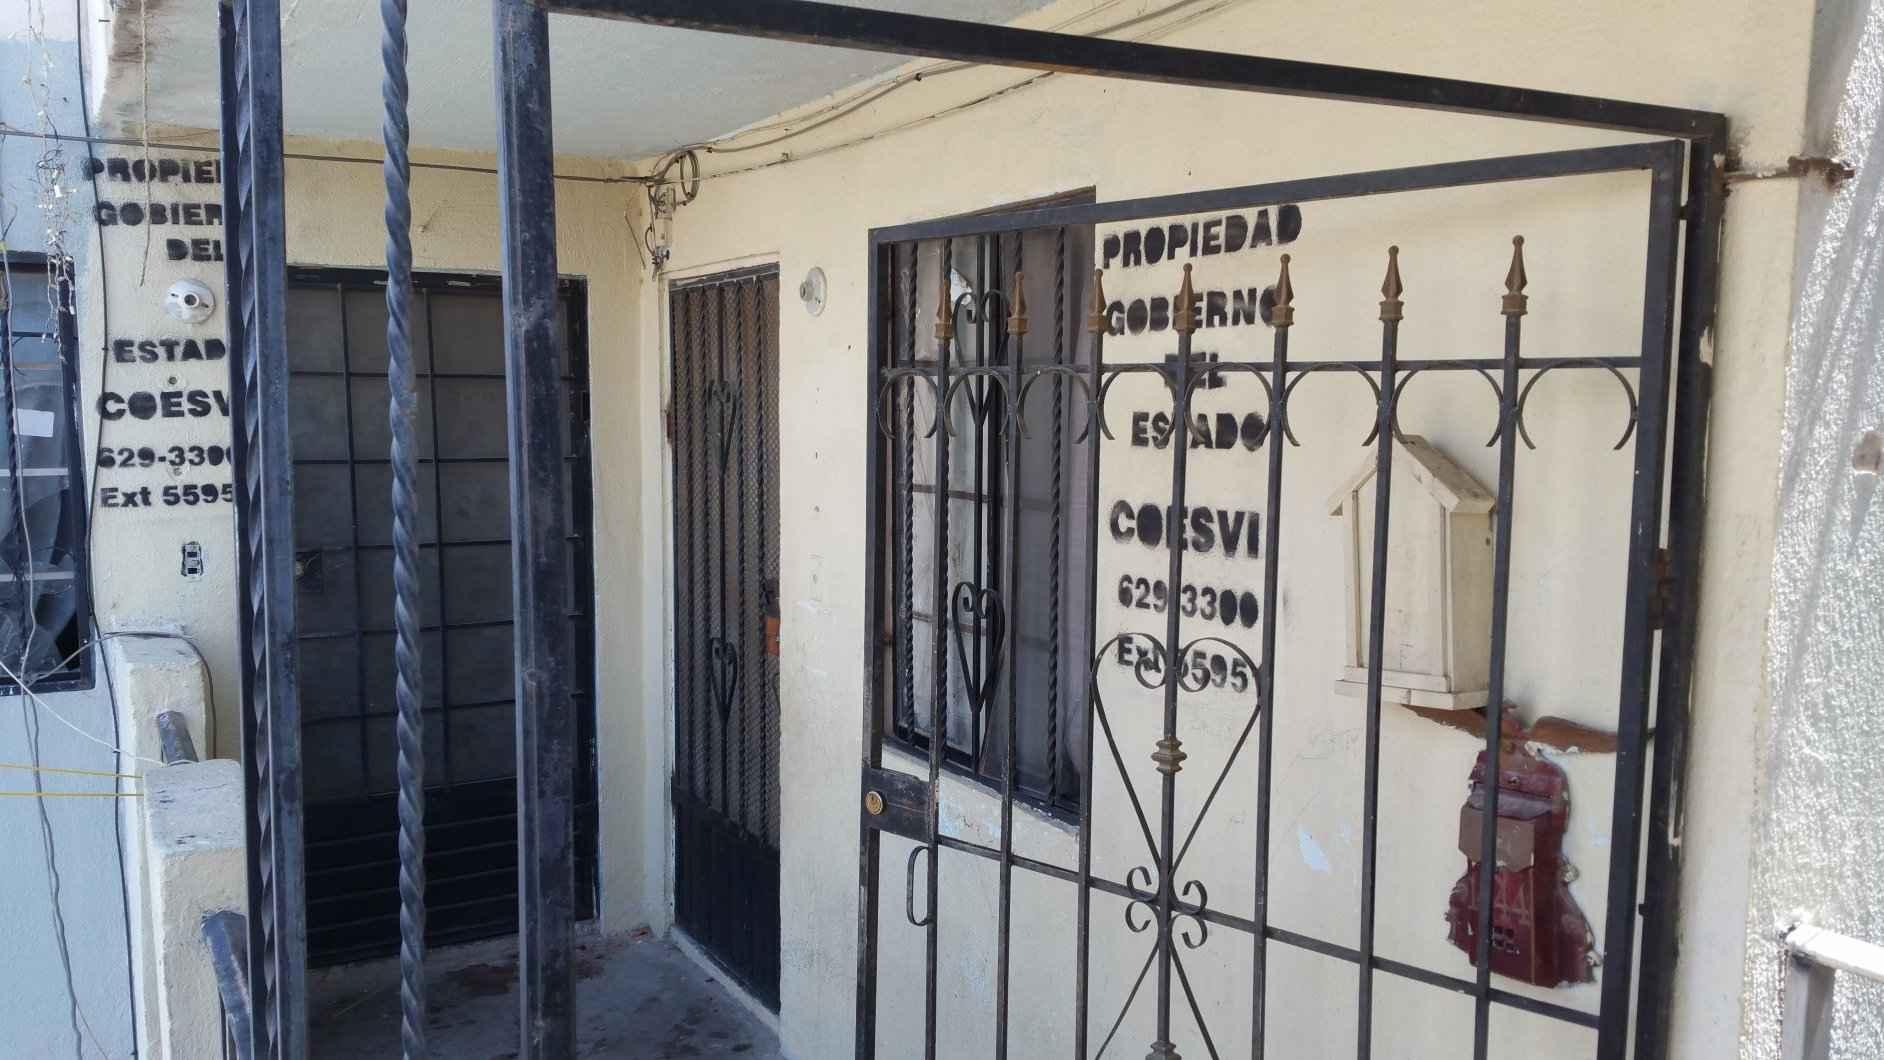 Coesvi pone a la venta 148 viviendas ubicadas en Eco 2000